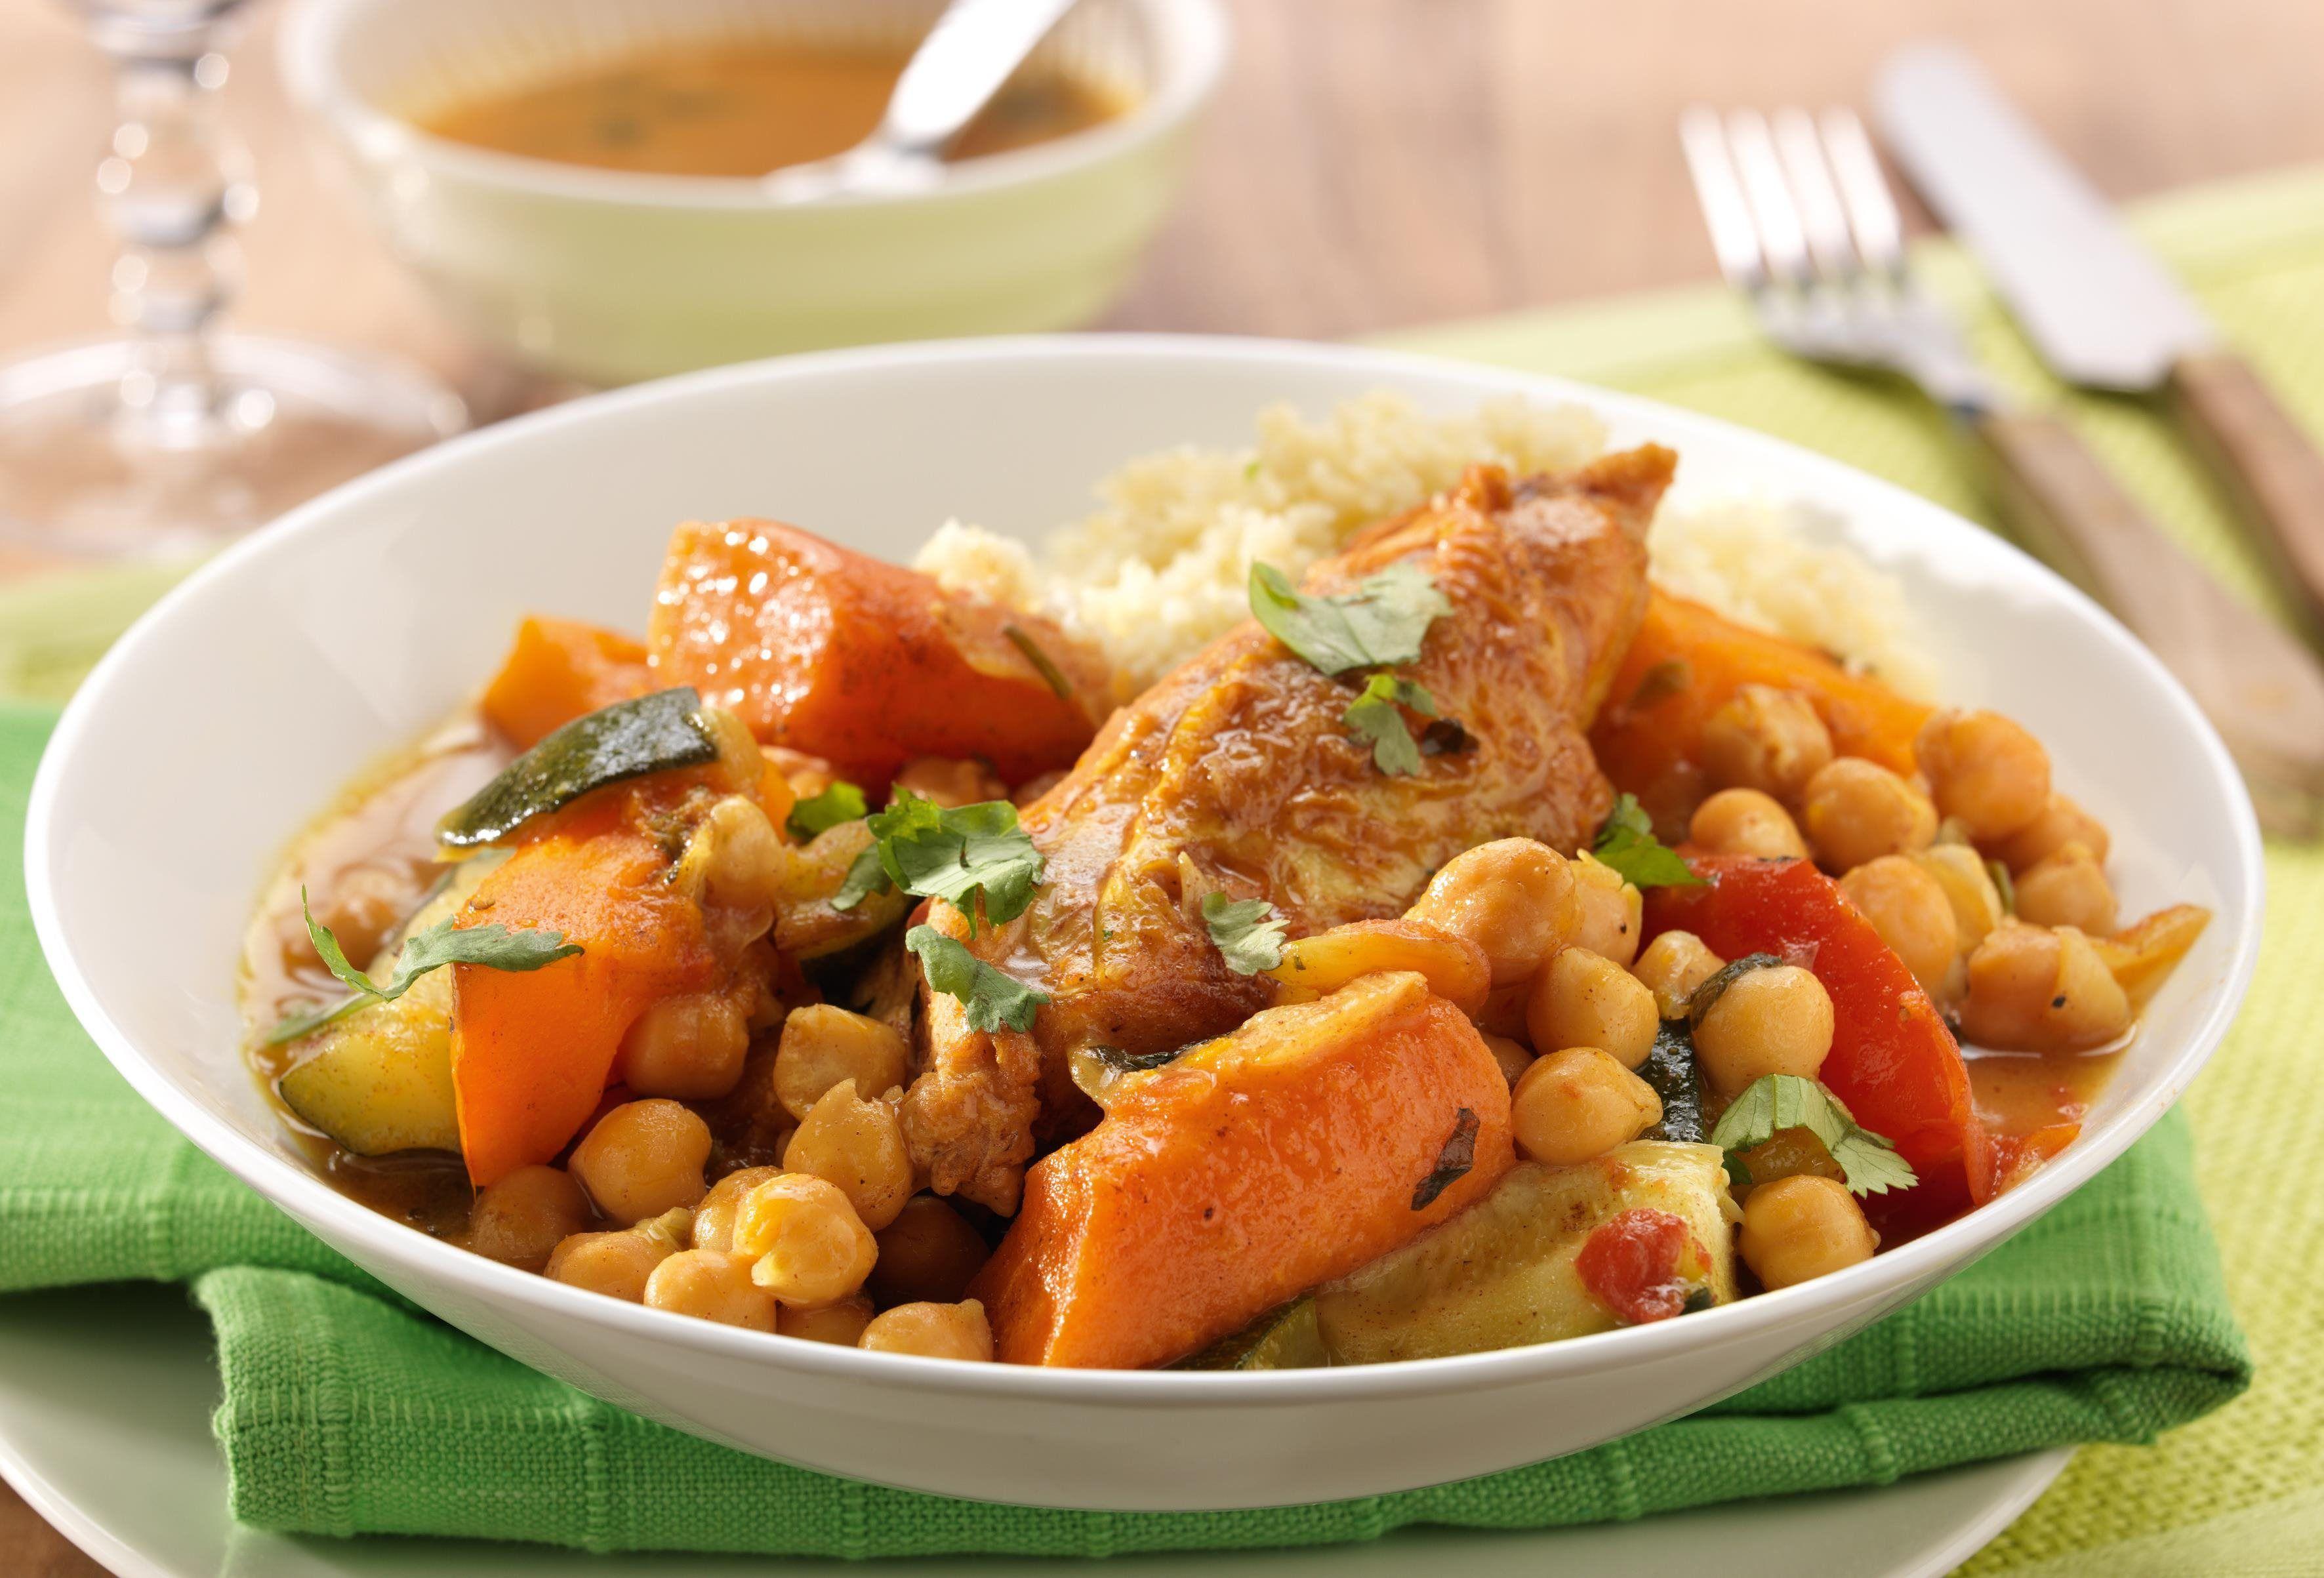 Couscous De Poulet Aux Legumes Recette En 2018 Recettes Ww